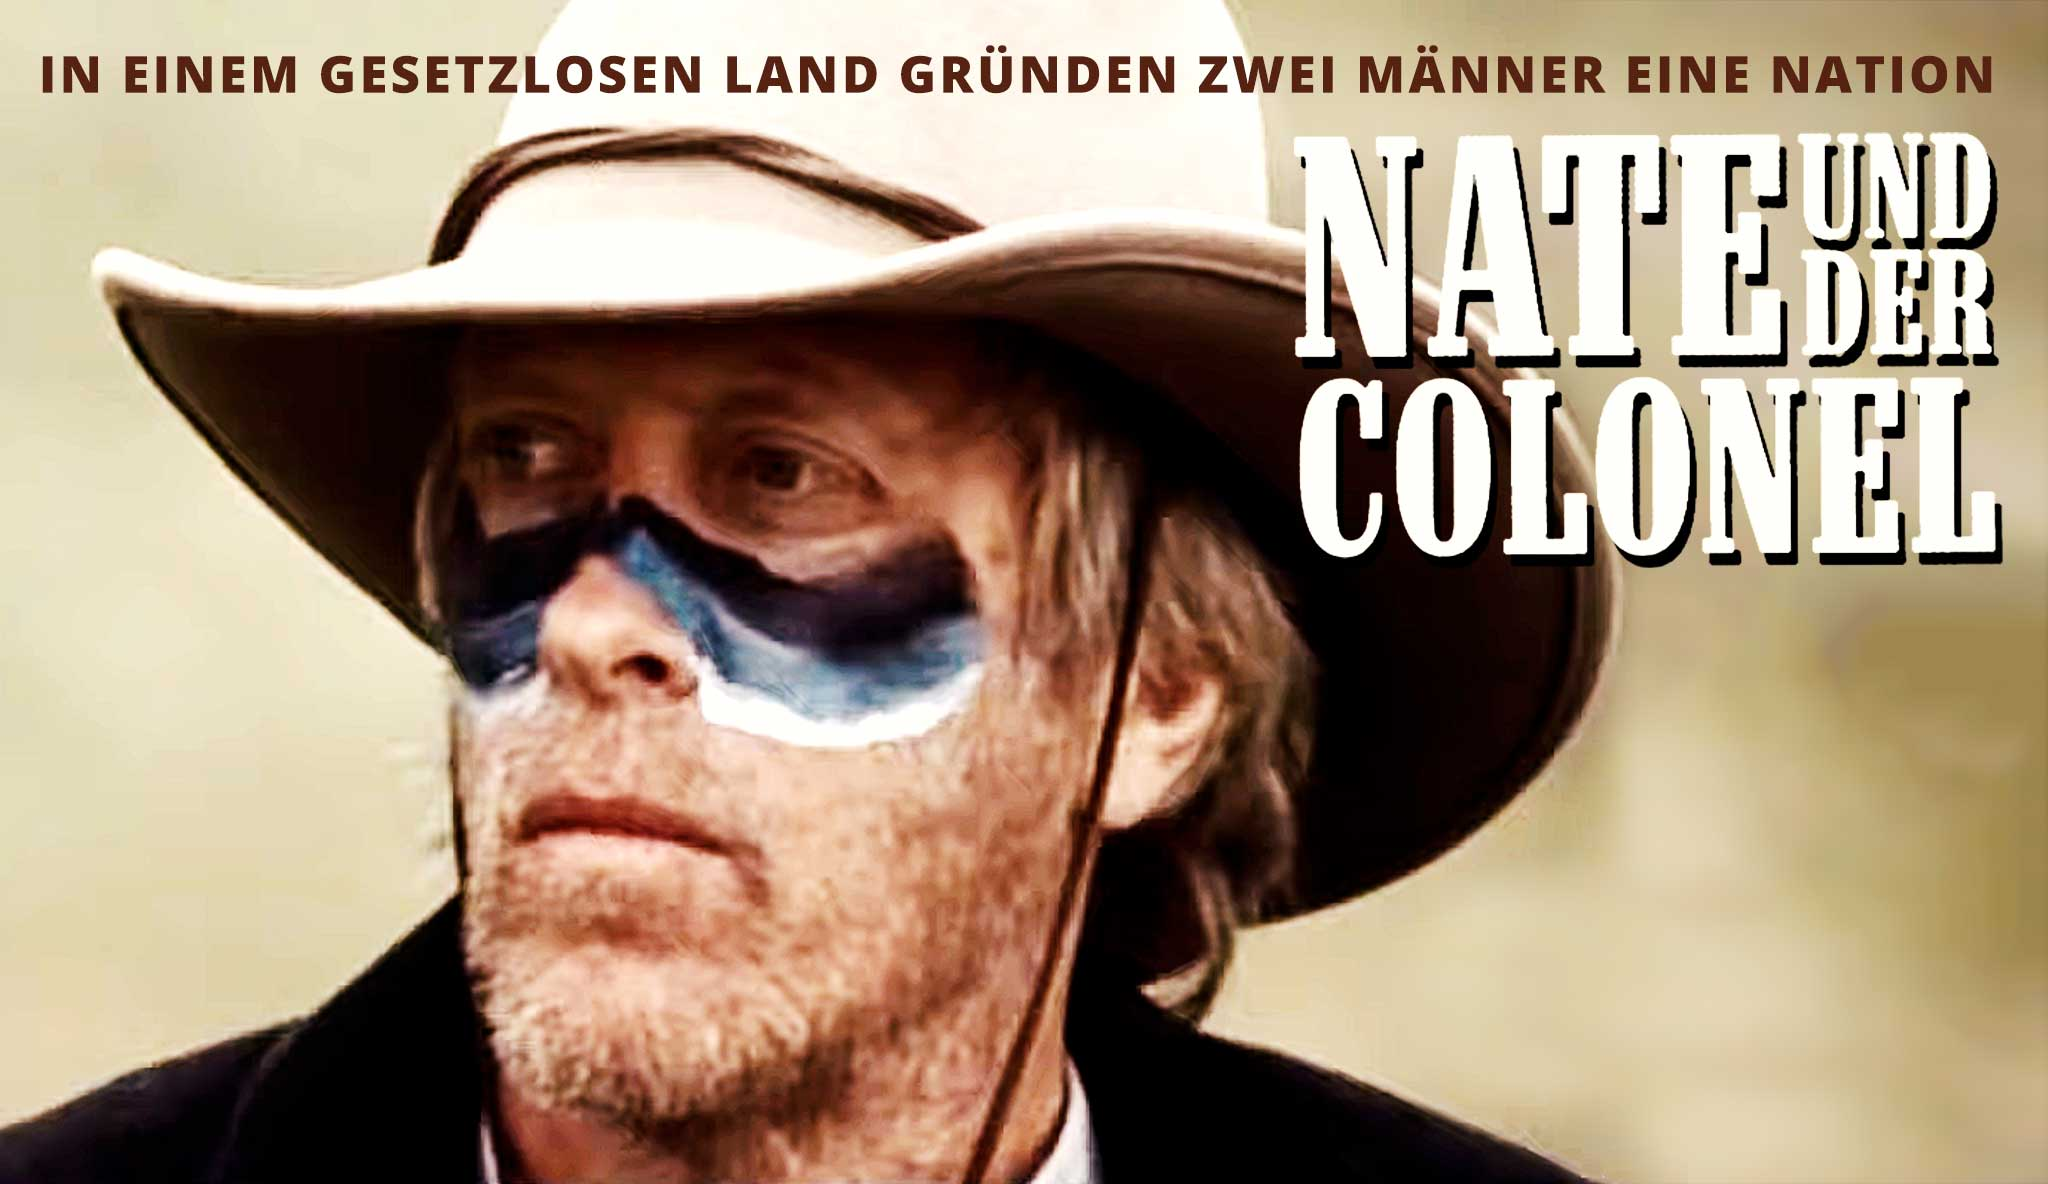 nate-und-der-colonel\header.jpg